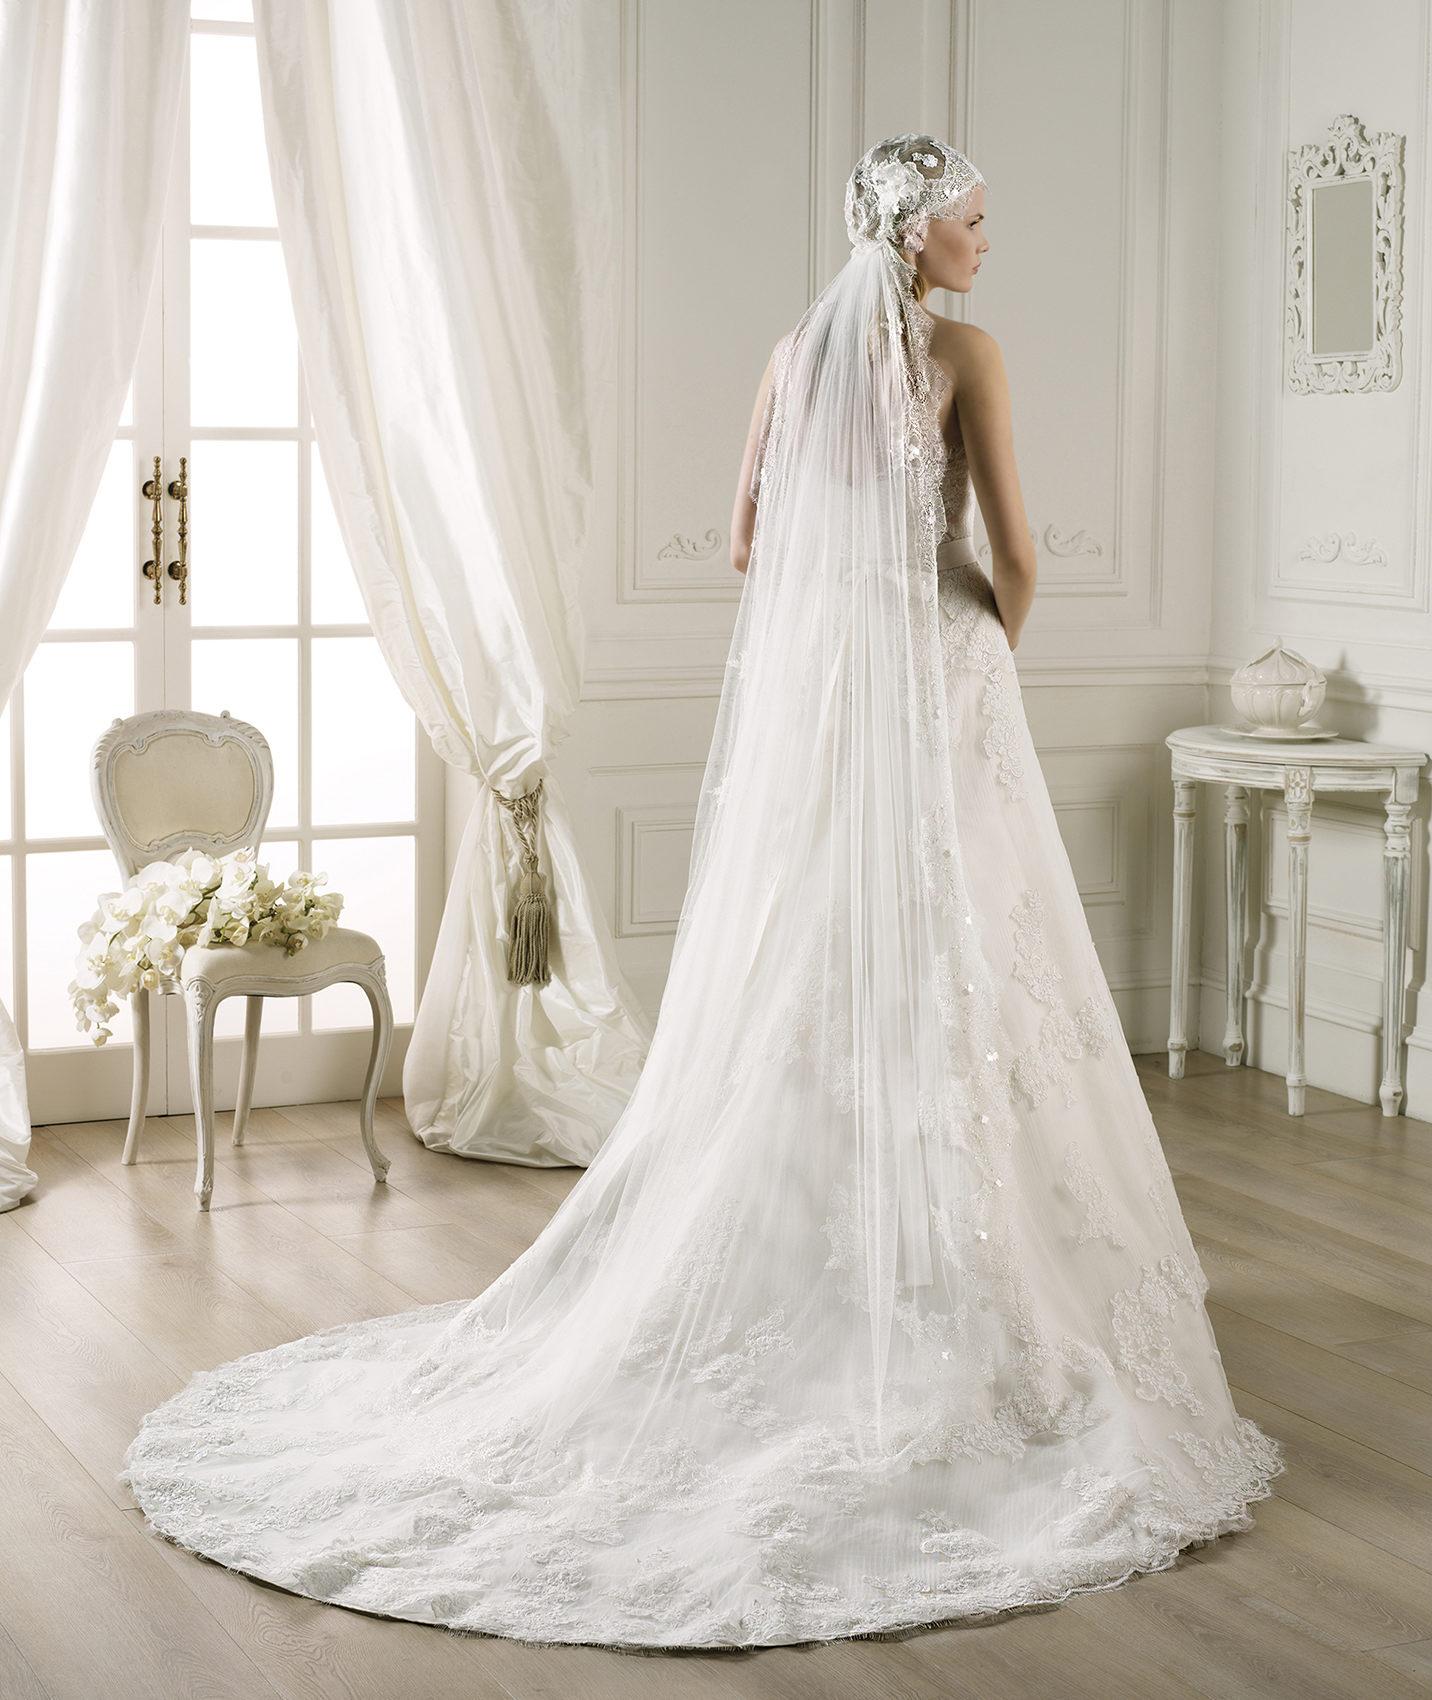 Il velo da sposa in stile Anni Venti e Trenta   il vintage secondo ... 225fc07a079